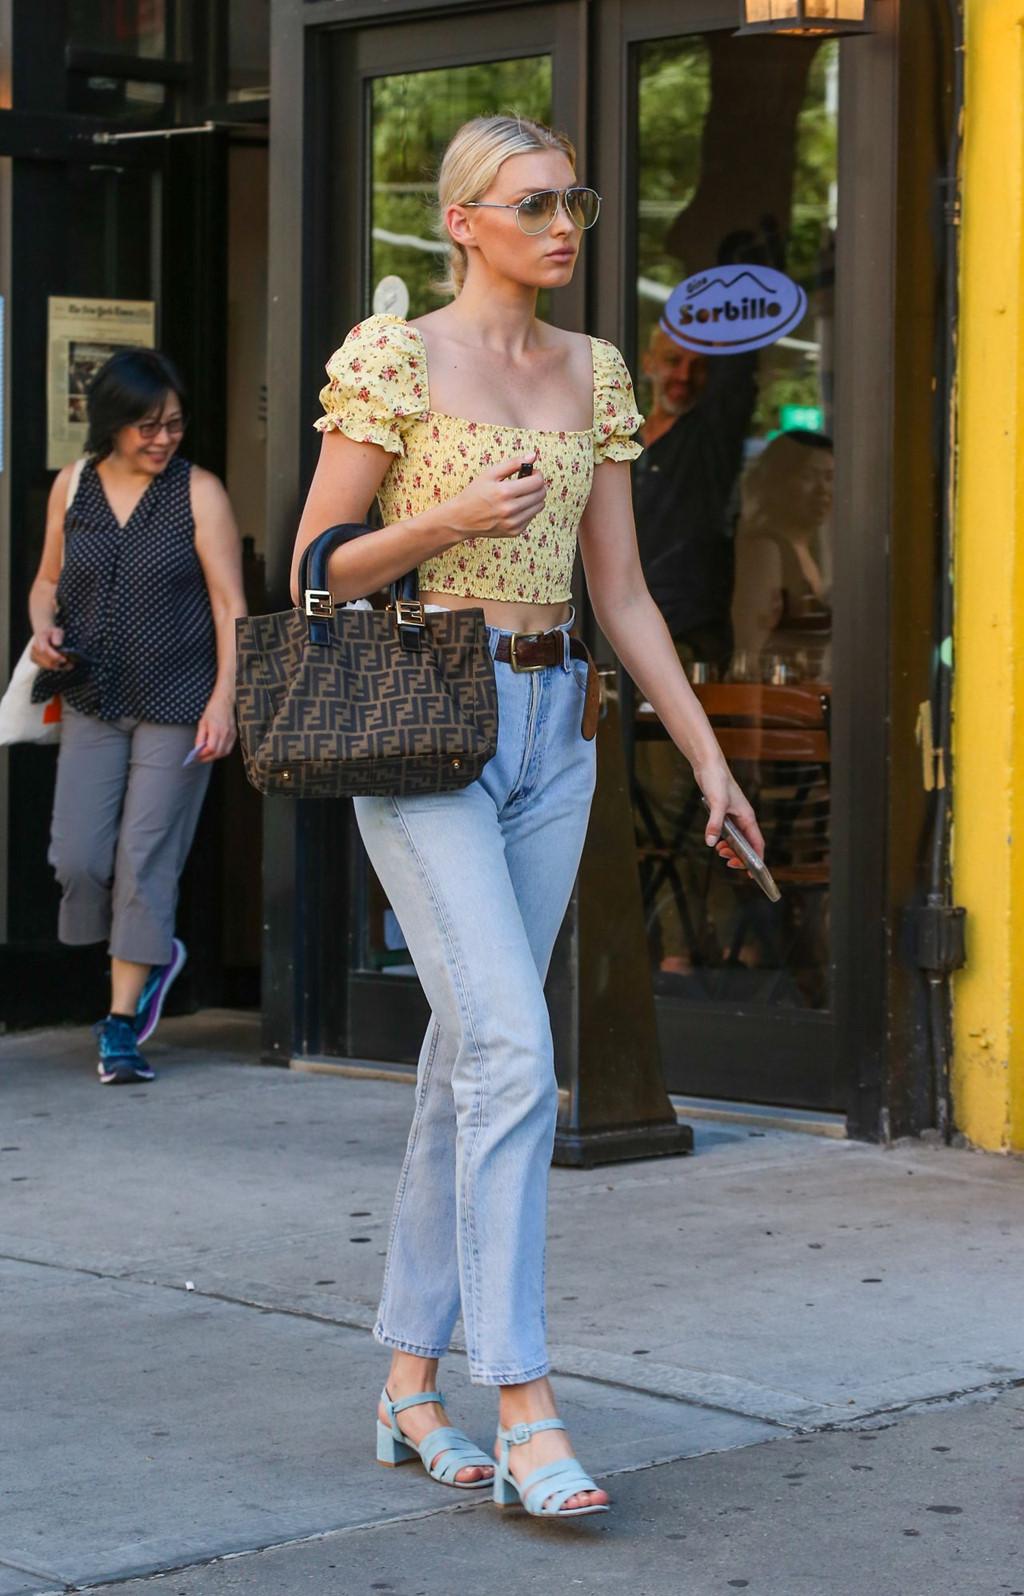 Elsa Hosk lăng xê xu hướng áo tay bồng hoa nhí kết hợp boyfriend jeans và sandal xanh pastel đậm hơi hướng vintage khi dạo phố New York.